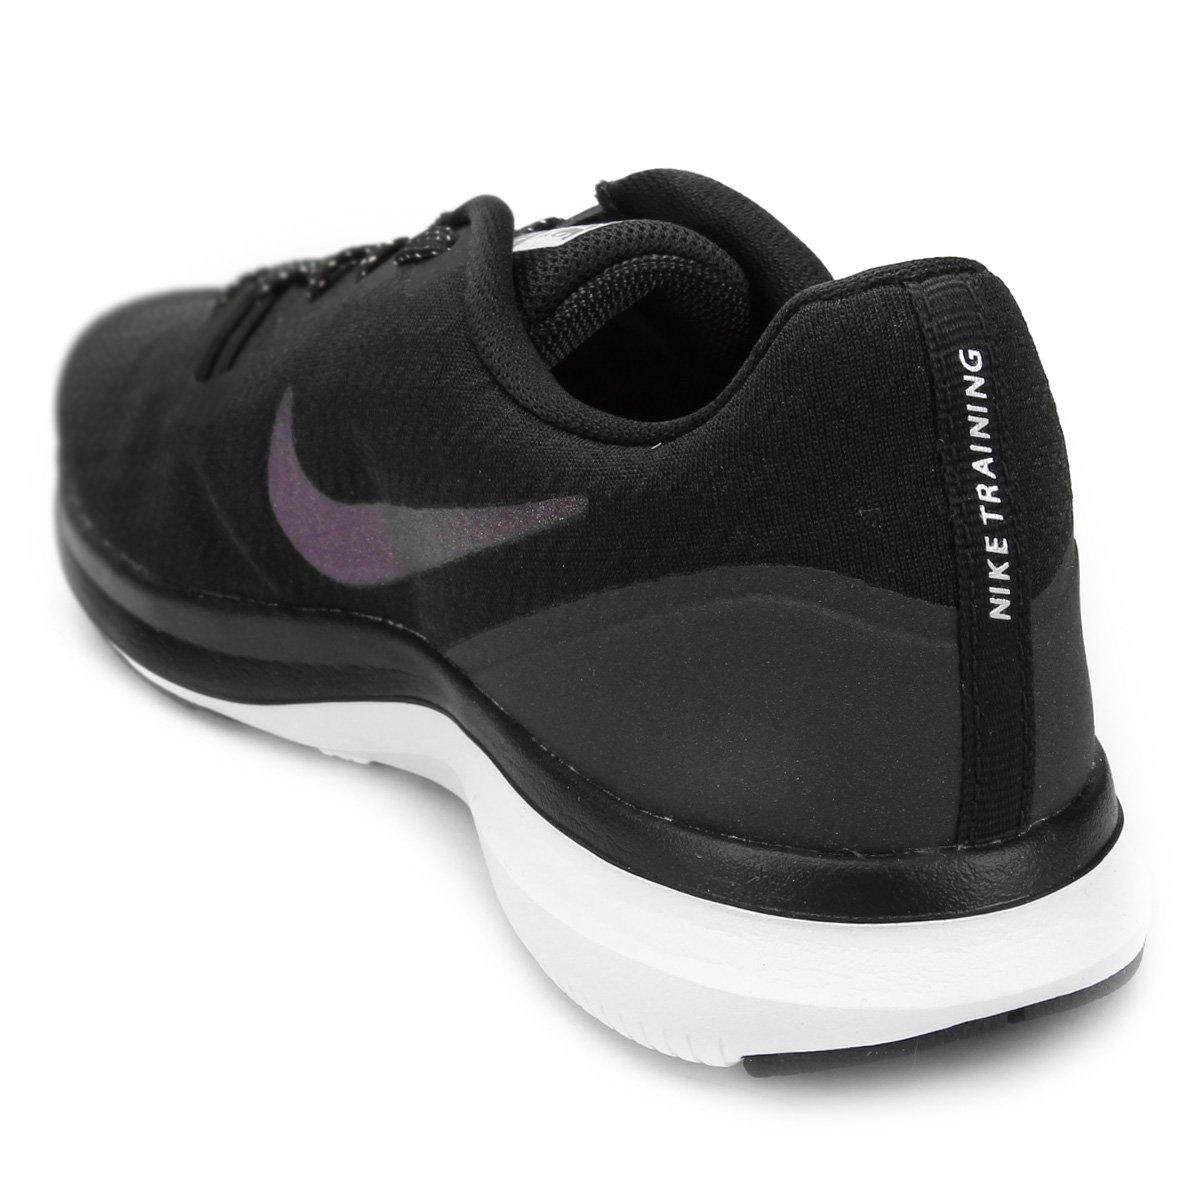 Tênis Nike In-Season Tr 7 Mtlc Feminino - Compre Agora  2b5ab3b373